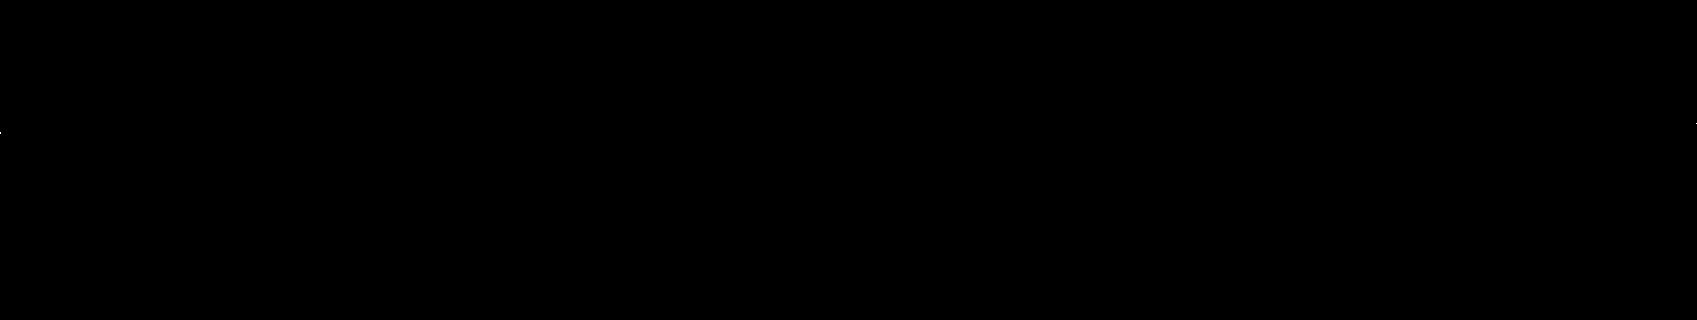 СПРУТ-ОКП планирование производства Экономика отчет по калькуляции 08